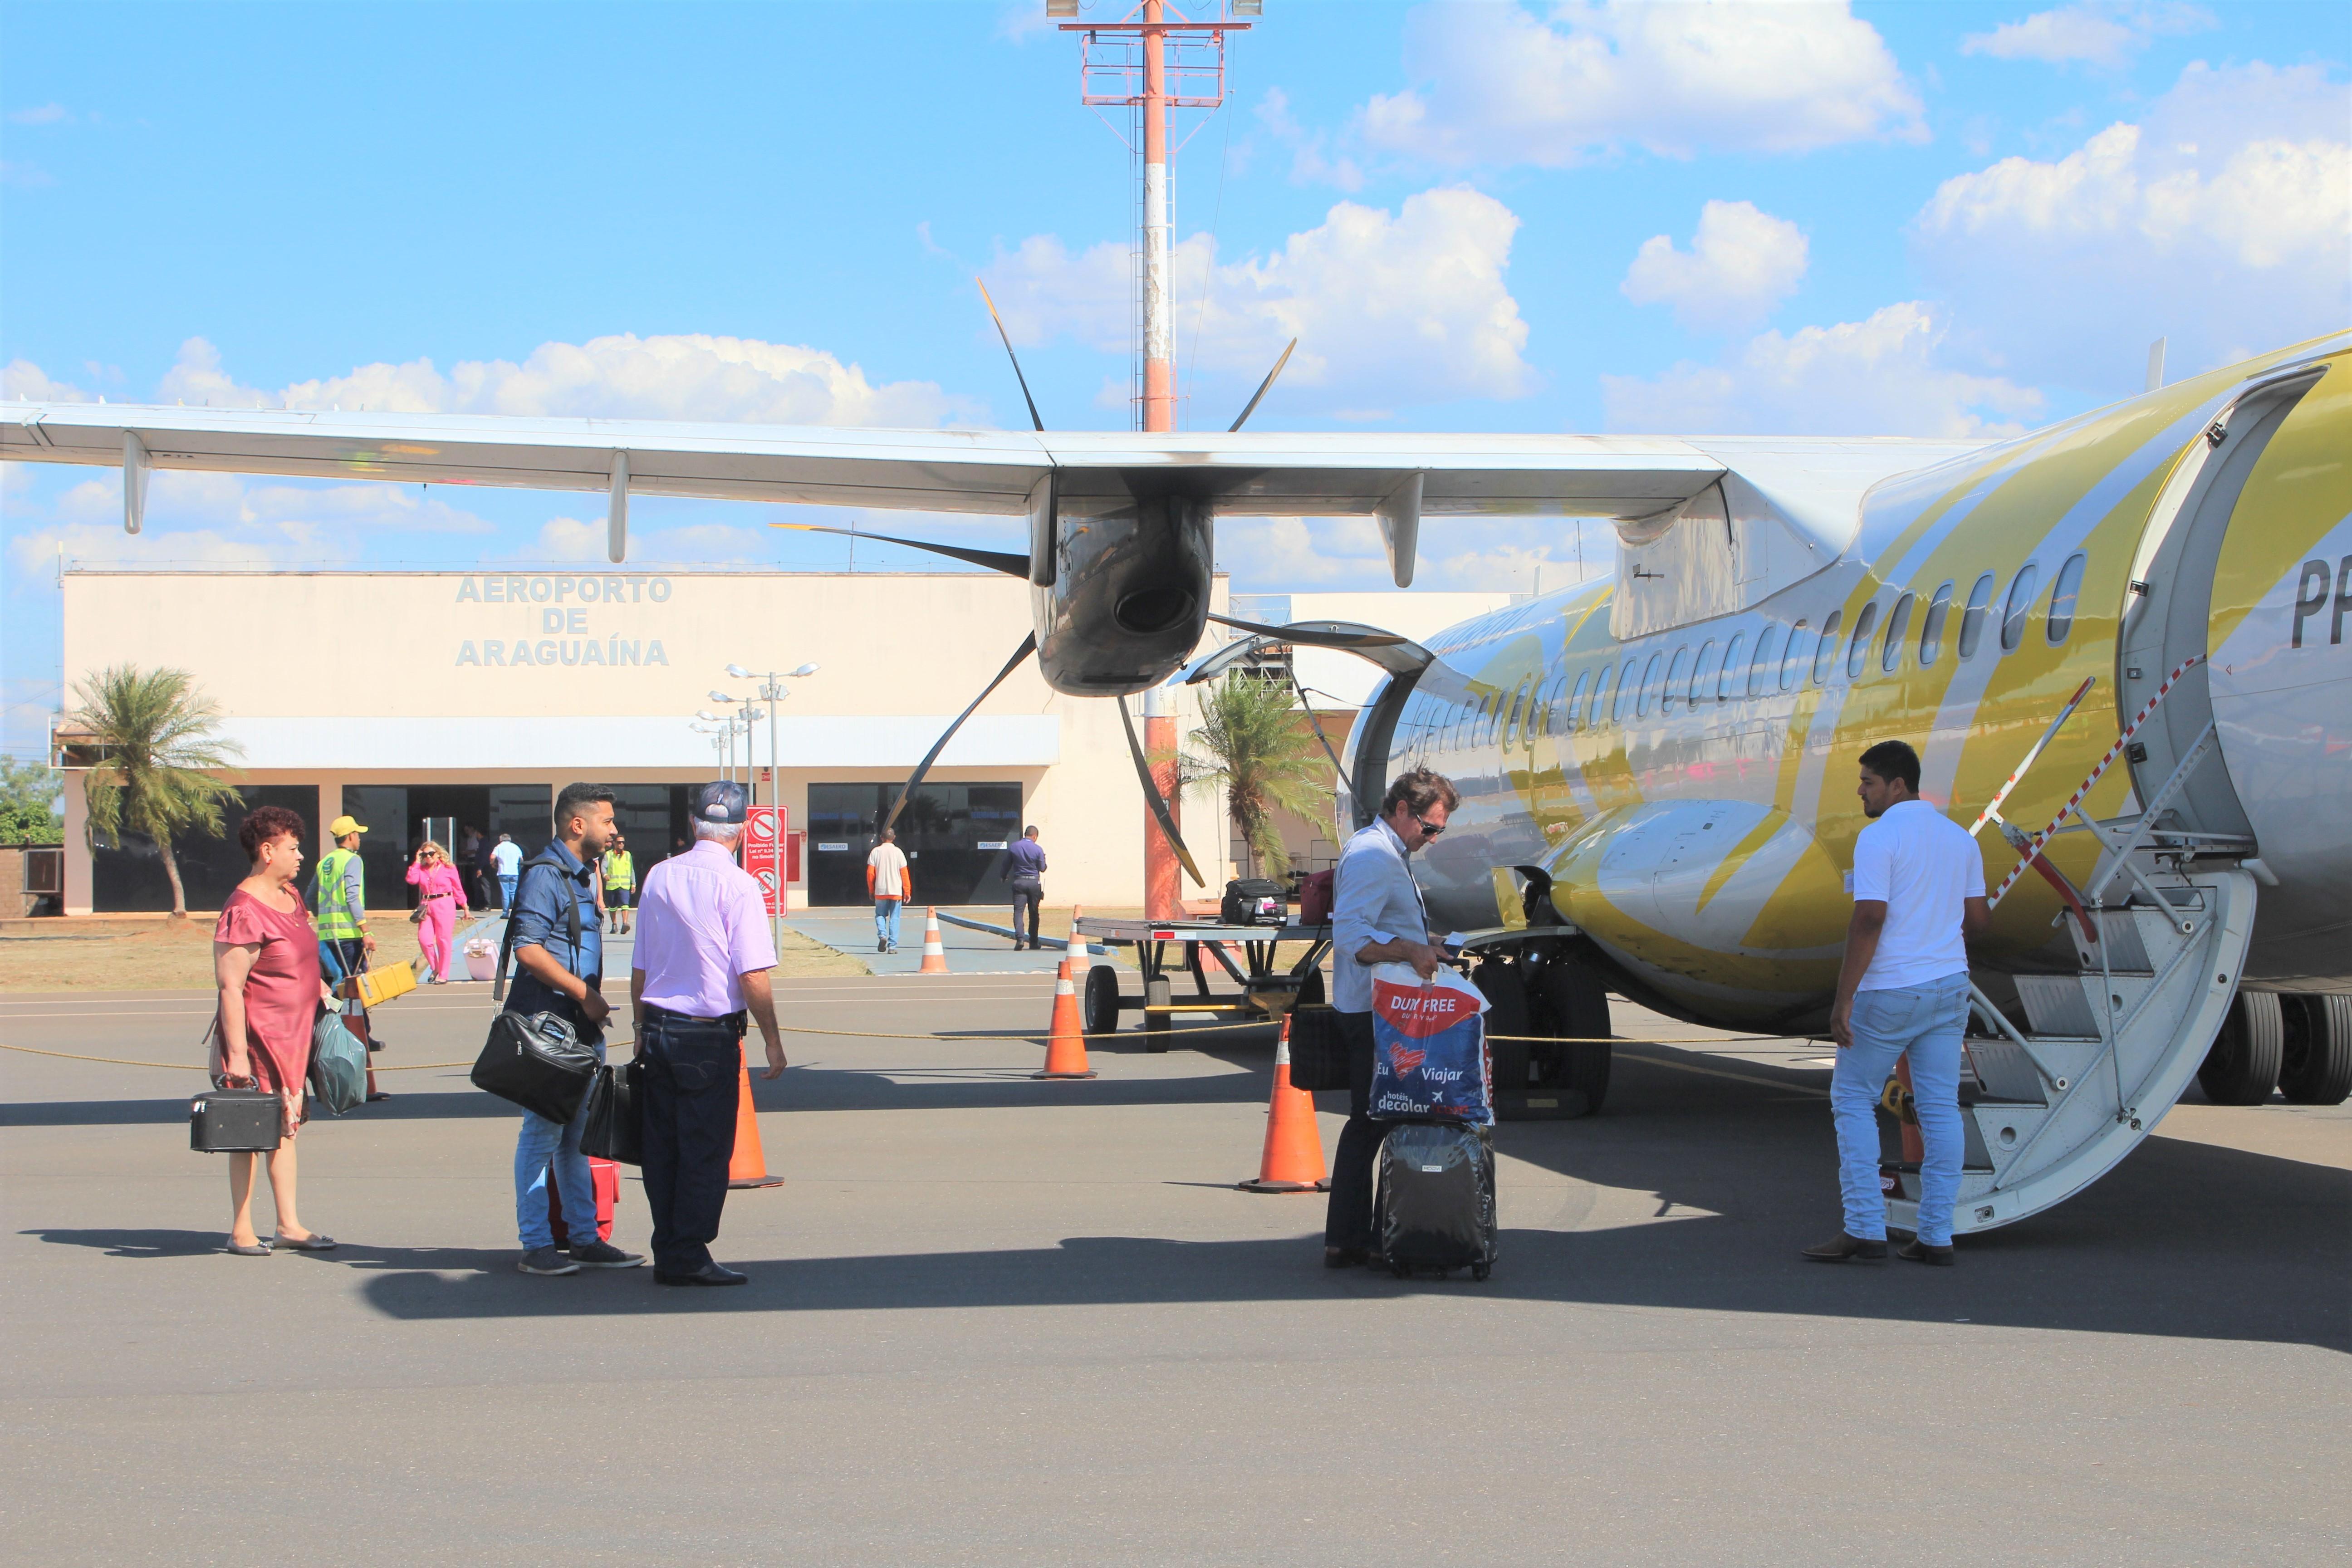 A estação meteorológica para auxiliar os pilotos a planejarem o pouso será o primeiro item de modernização do Aeroporto Municipal de Araguaína – Fotos: Marcos Sandes/Ascom